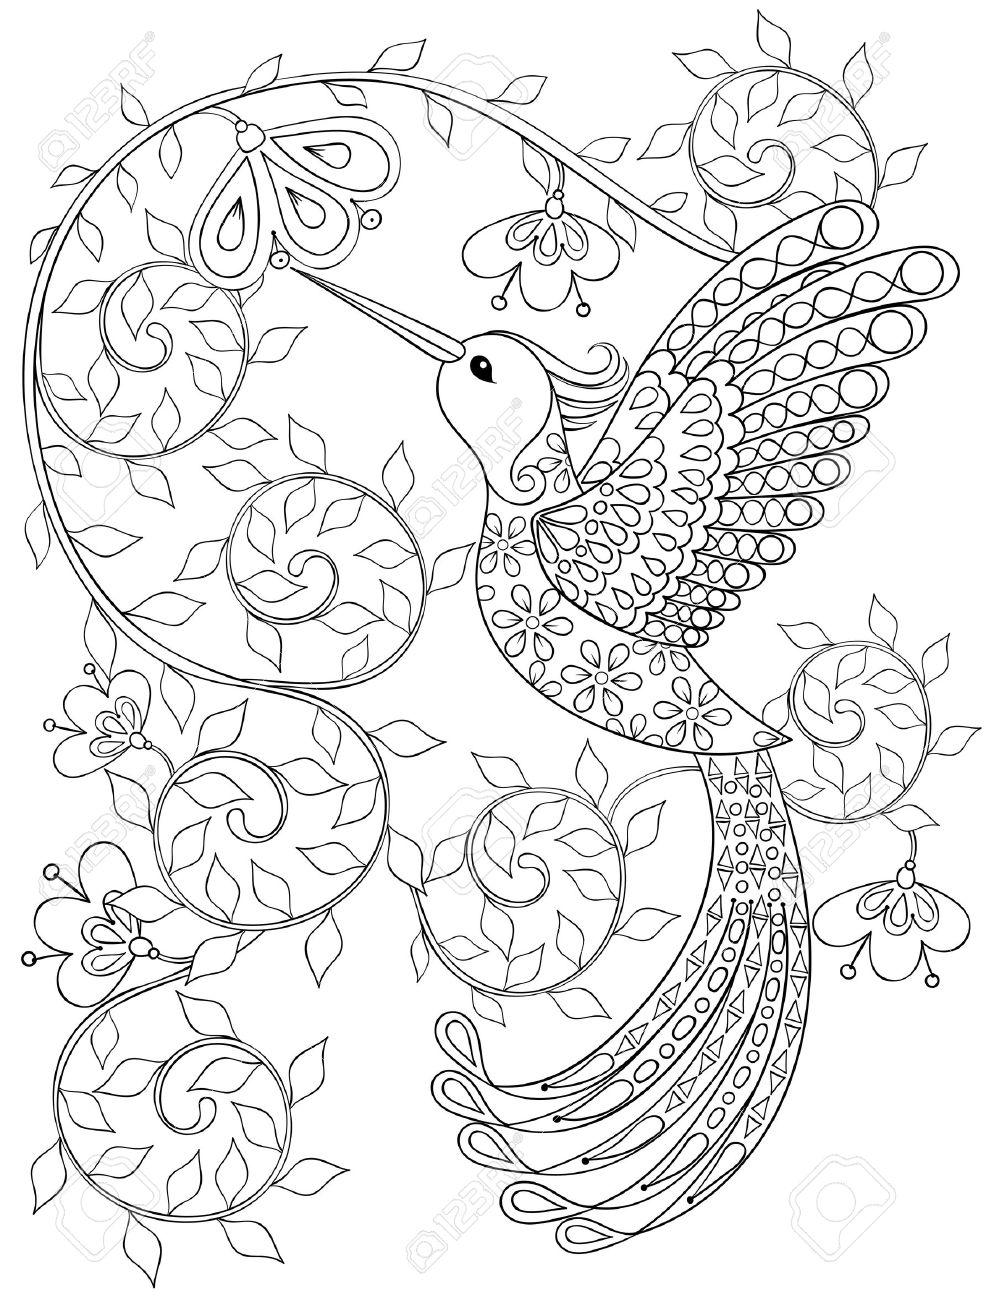 Coloriage Avec Hummingbird Zentangle Oiseau Volant Pour Les Livres à Colorier Adultes Ou Des Tatouages Avec Détails élevés Isolé Sur Fond Blanc